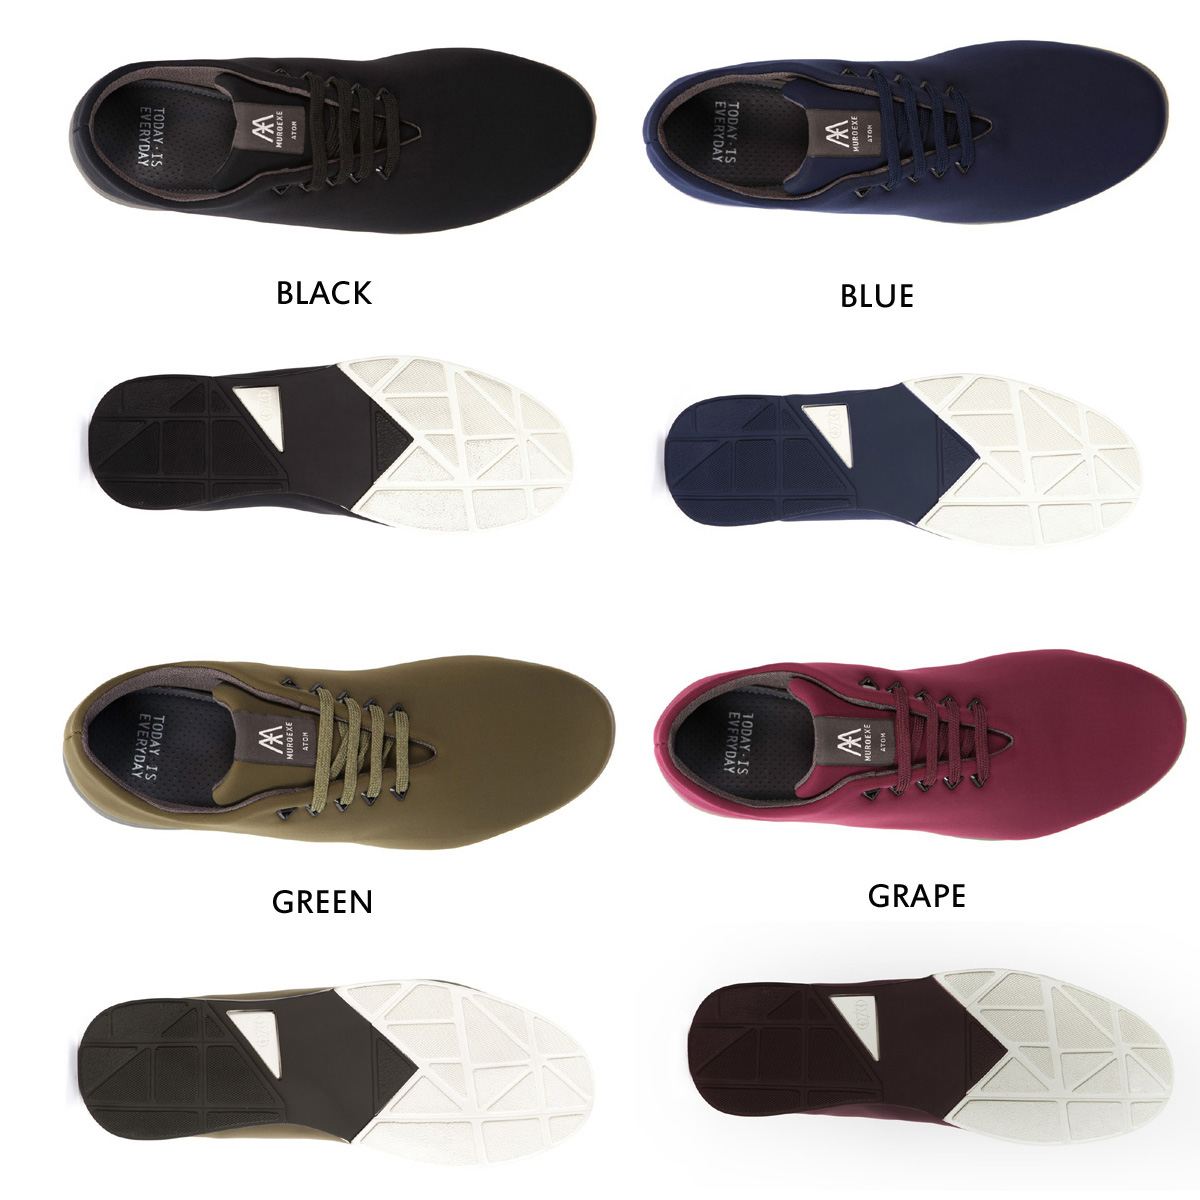 穆罗 EXE (mroegze) [原子 (铁臂阿童木),低切运动鞋 (5 色)